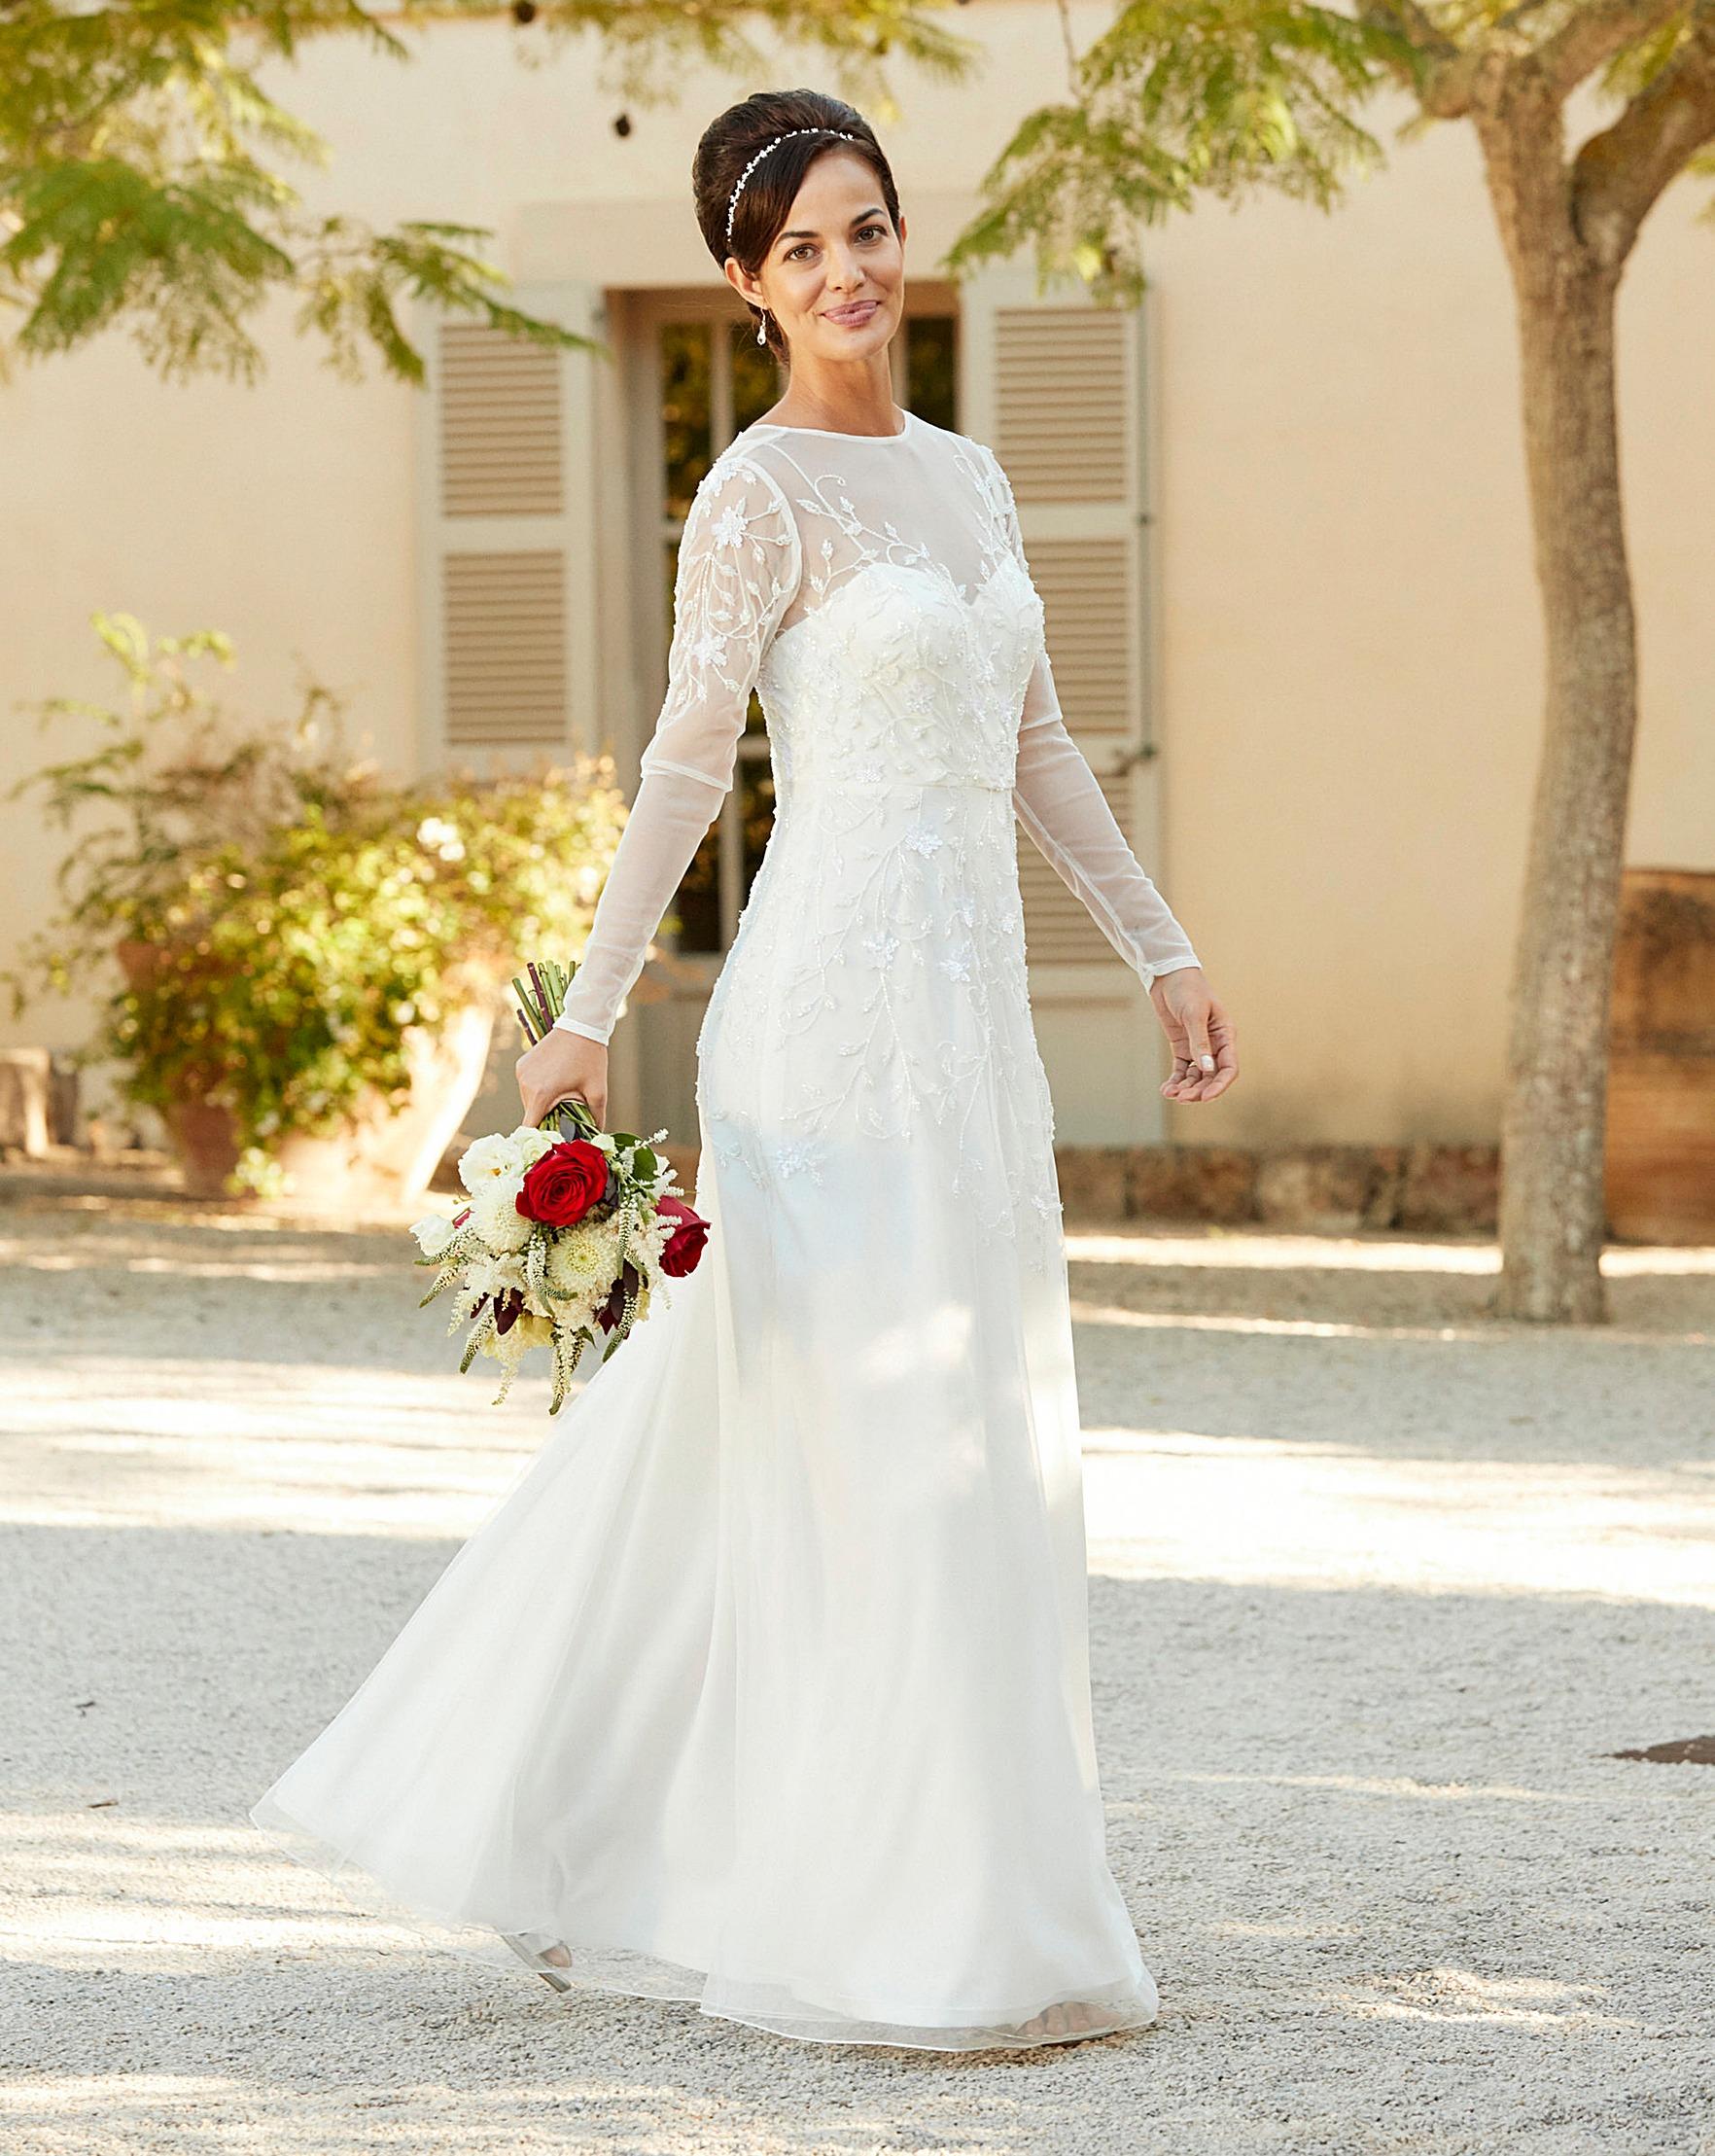 Joanna Hope Beaded Bridal Dress   J D Williams